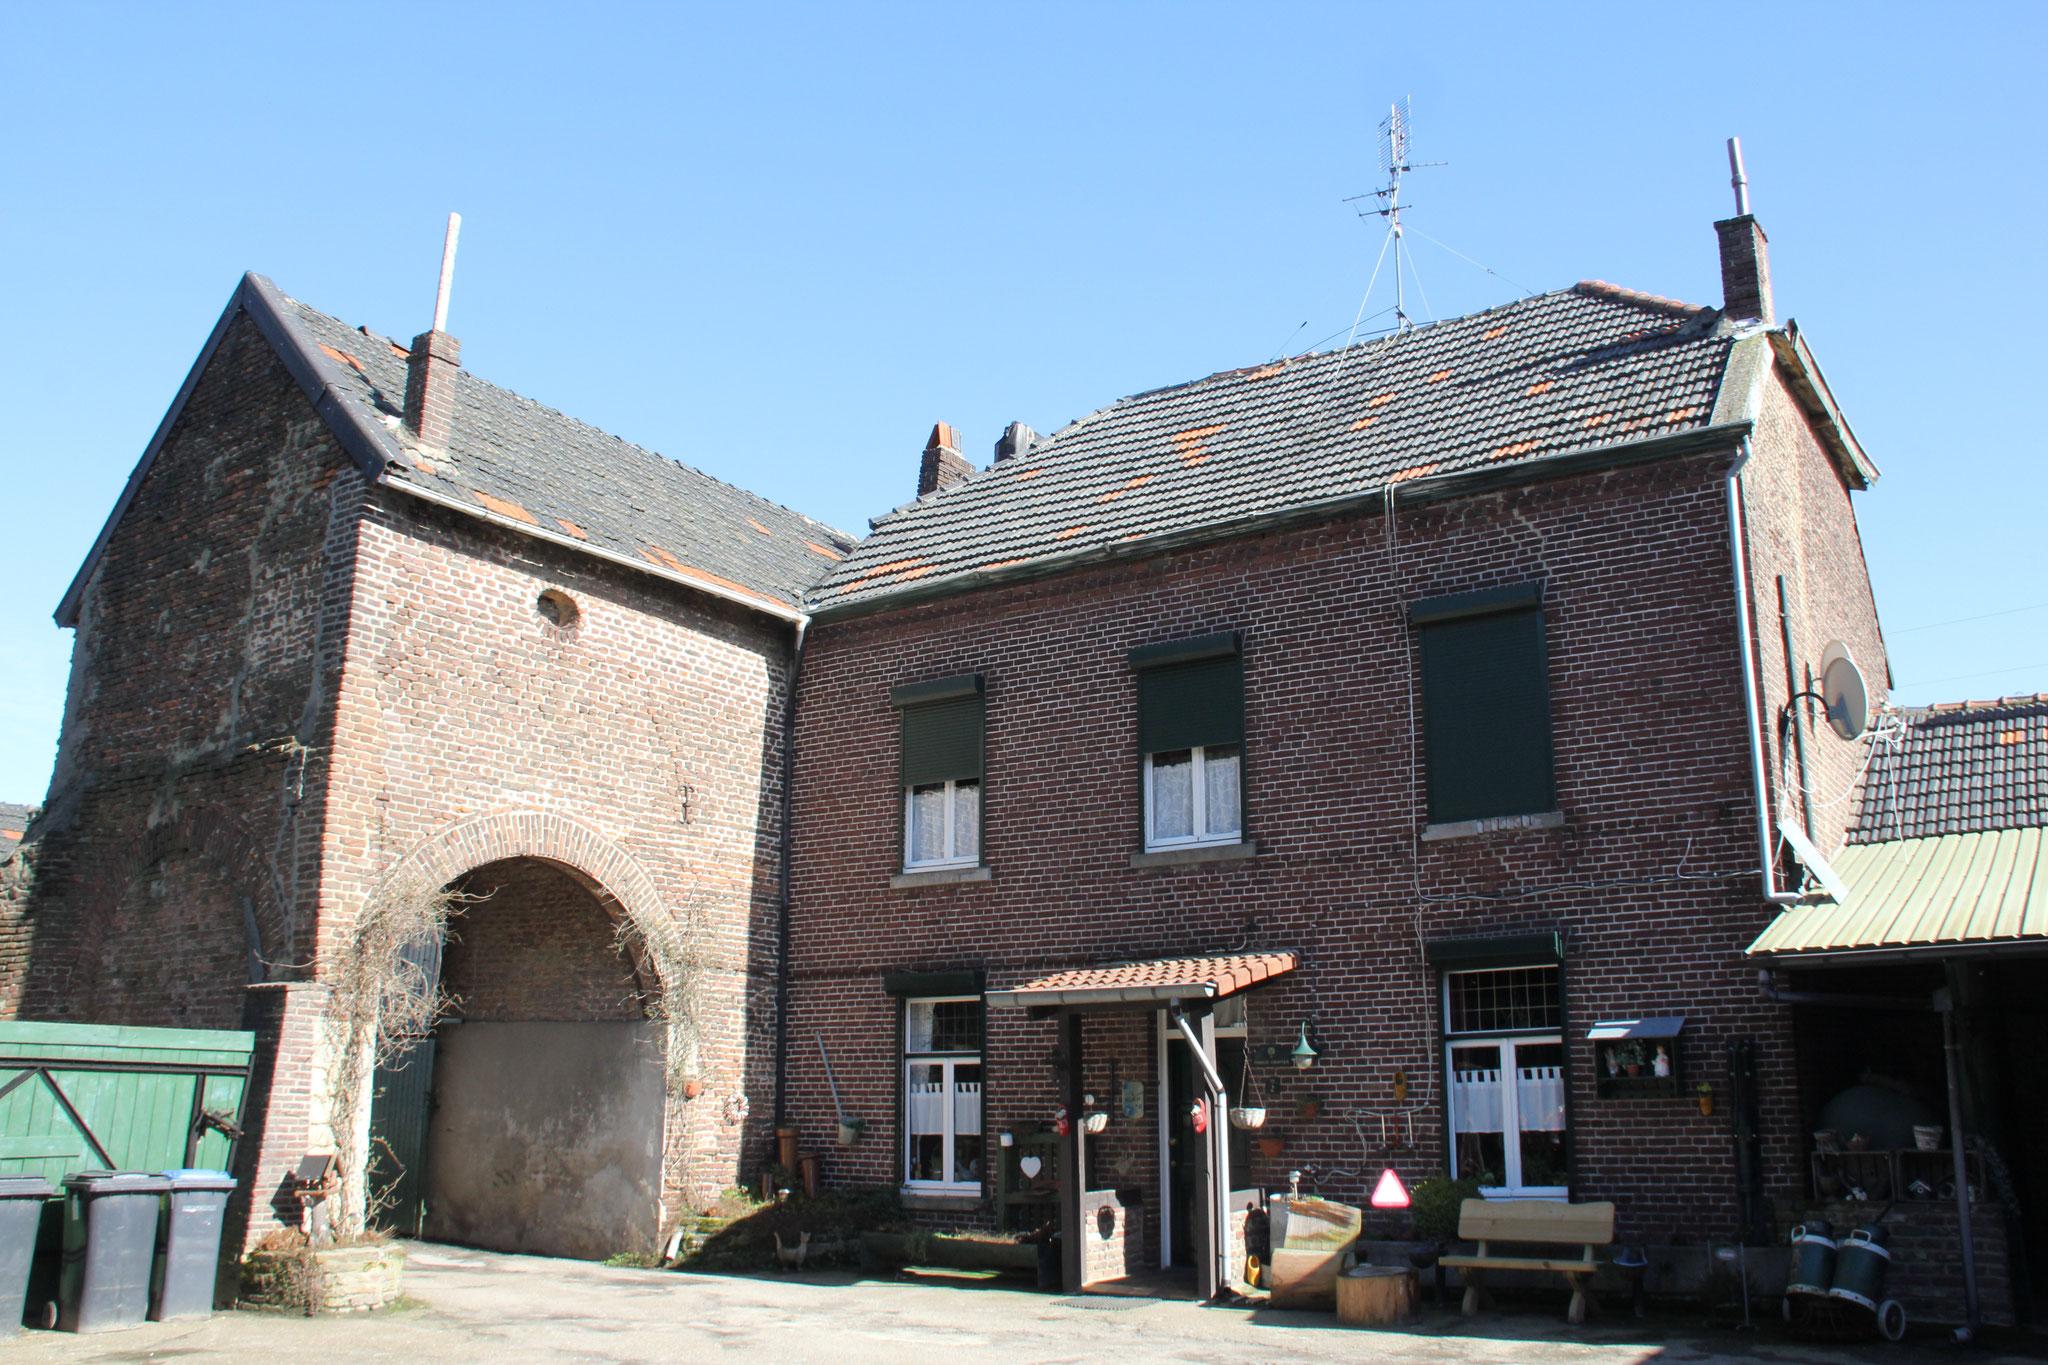 Boerderij Heihoven, historische boerderij gelegen binnen het projectgebied.